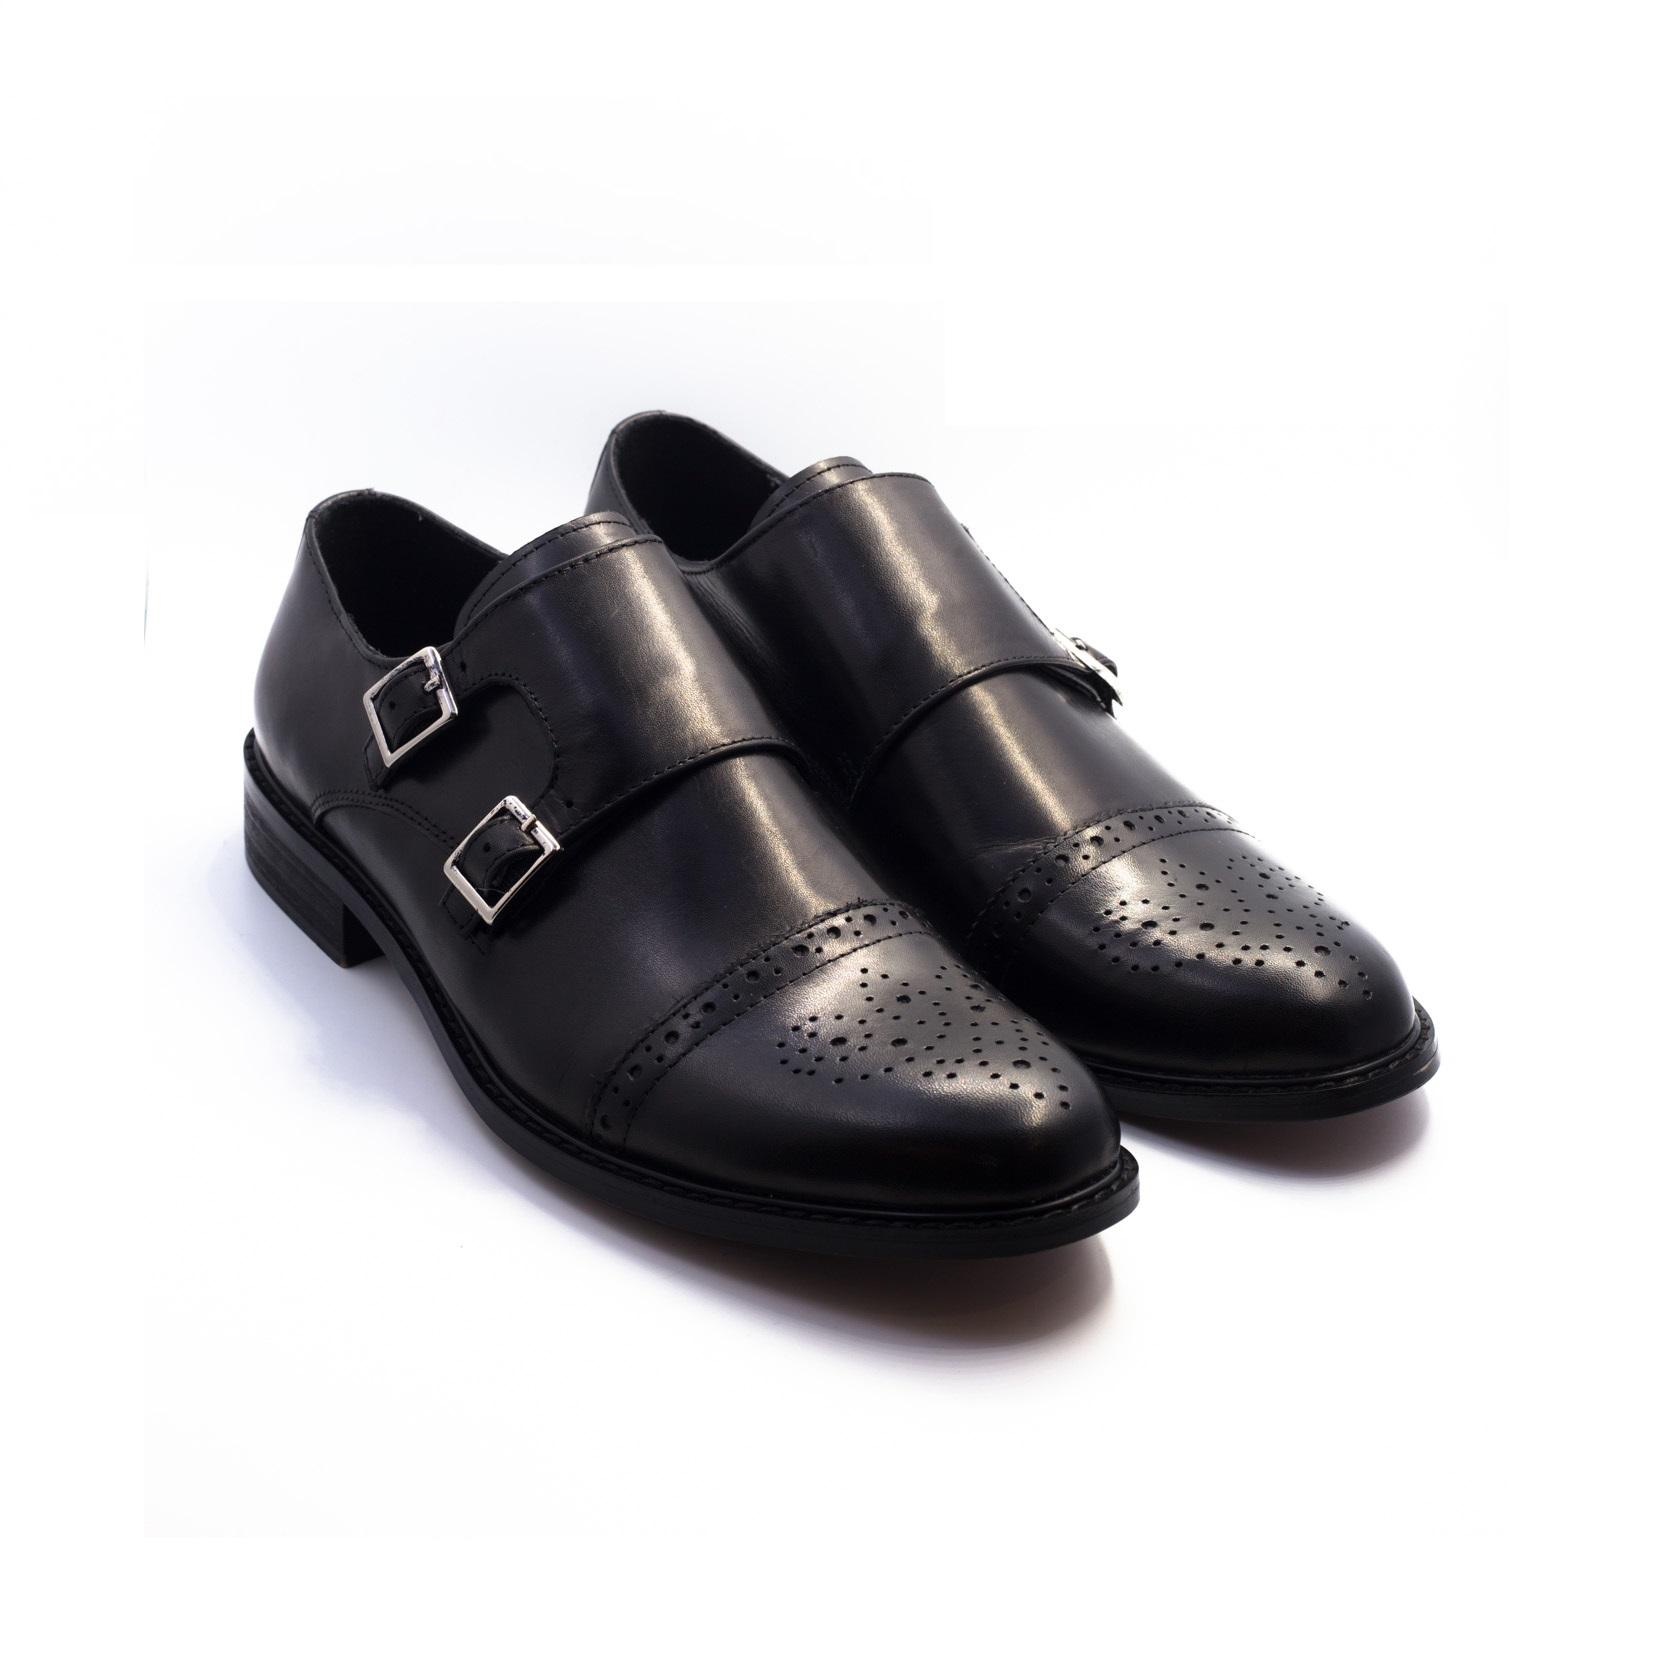 Giày lười Monk Strap mũi họa tiết D813-39